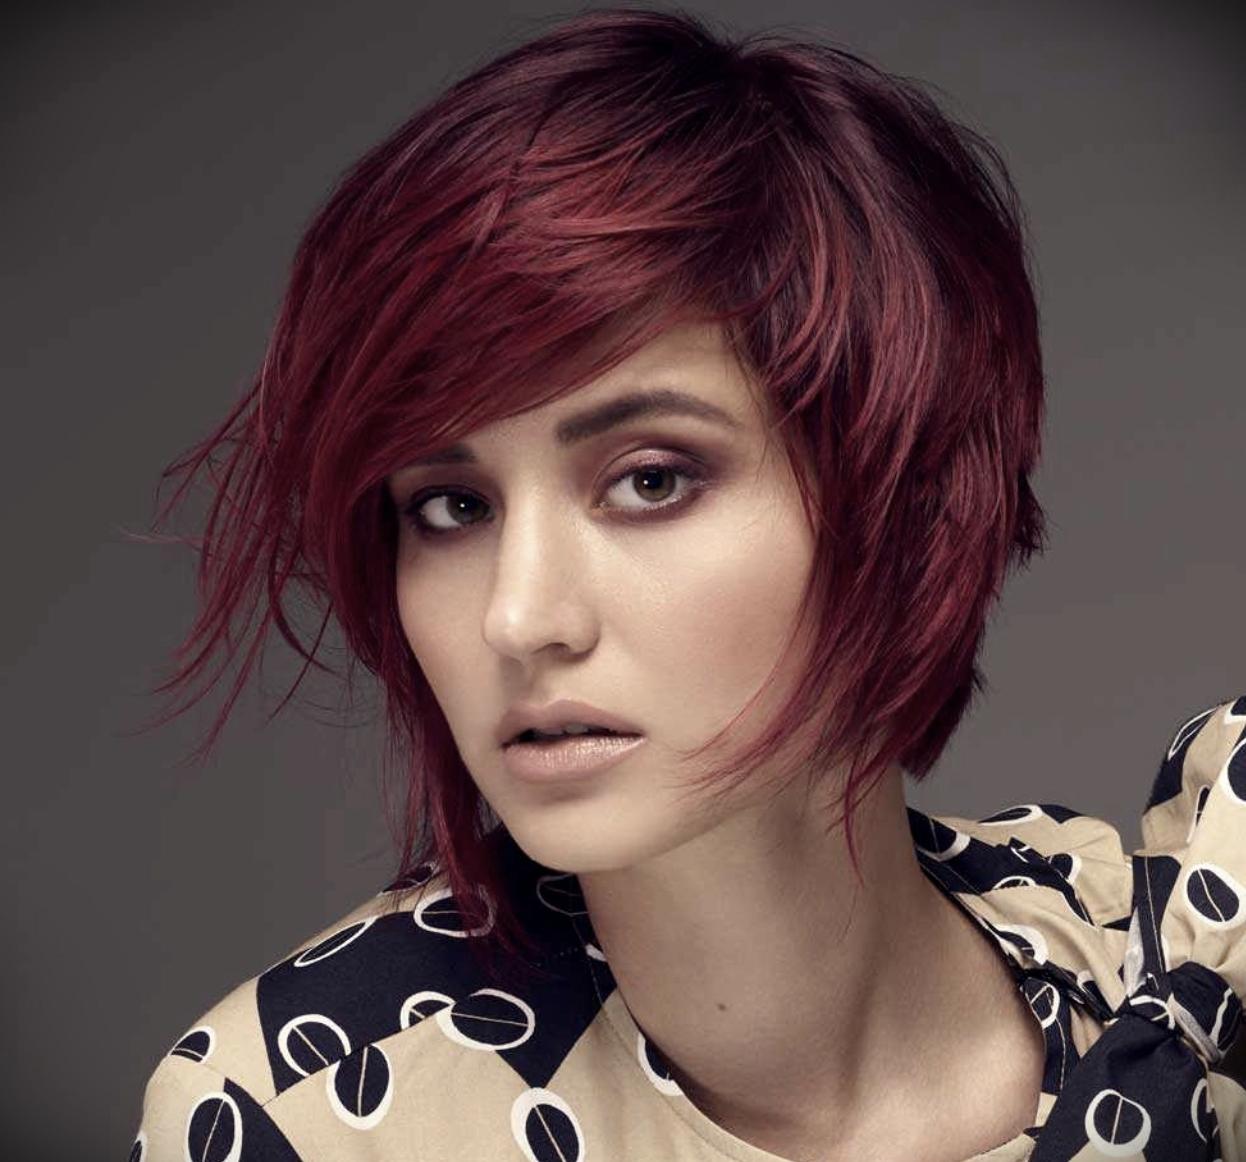 hair color ideas for short hair 2019 hair color trends 2019